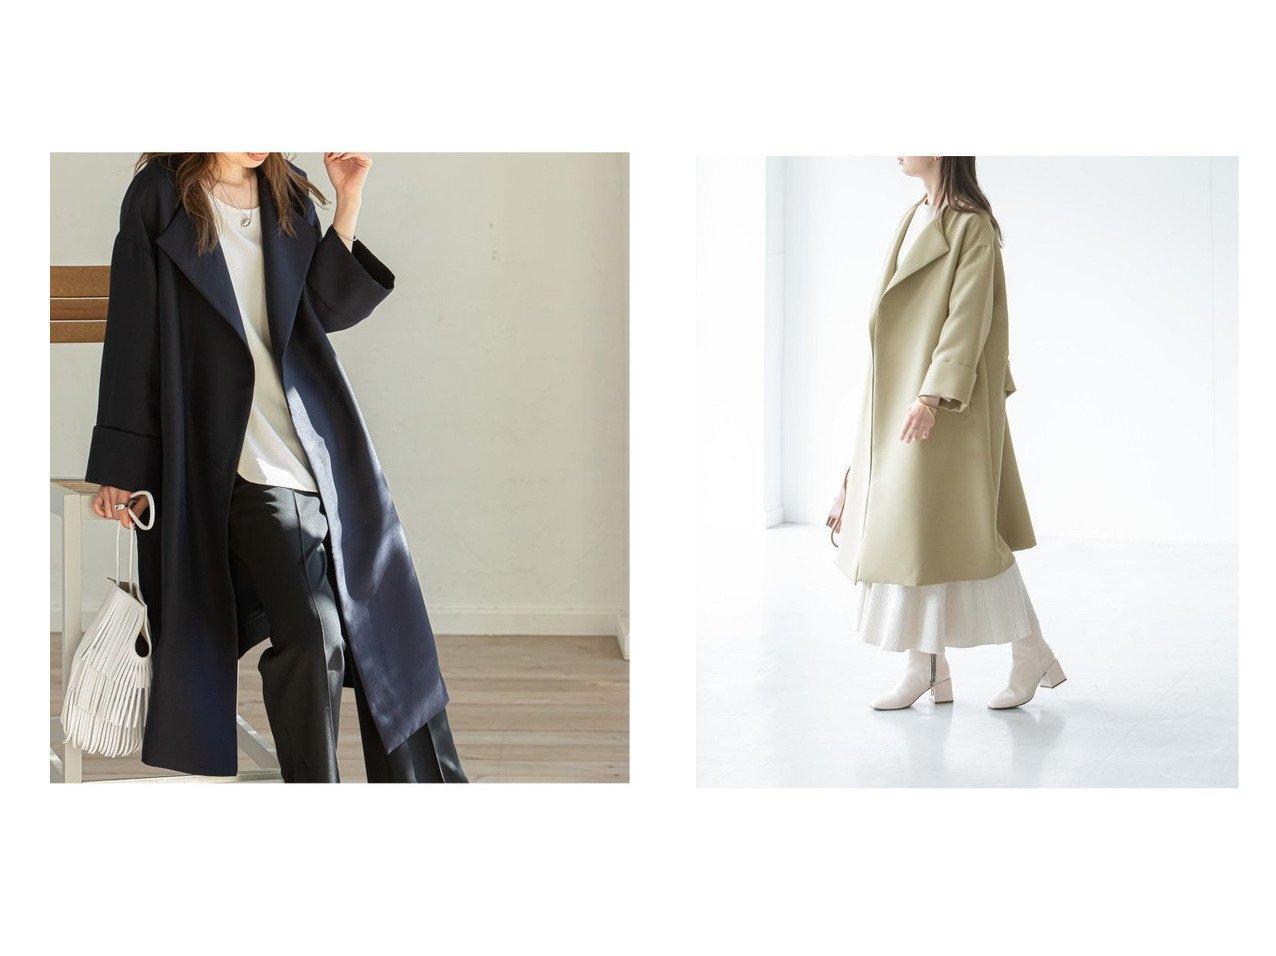 【NOBLE / Spick & Span/ノーブル / スピック&スパン】の《追加》トリプルクロスガウンコート アウターのおすすめ!人気、トレンド・レディースファッションの通販 おすすめで人気の流行・トレンド、ファッションの通販商品 メンズファッション・キッズファッション・インテリア・家具・レディースファッション・服の通販 founy(ファニー) https://founy.com/ ファッション Fashion レディースファッション WOMEN アウター Coat Outerwear コート Coats 春 Spring ガウン ジャケット デニム リラックス 2021年 2021 再入荷 Restock/Back in Stock/Re Arrival S/S 春夏 SS Spring/Summer 2021 春夏 S/S SS Spring/Summer 2021 |ID:crp329100000014502